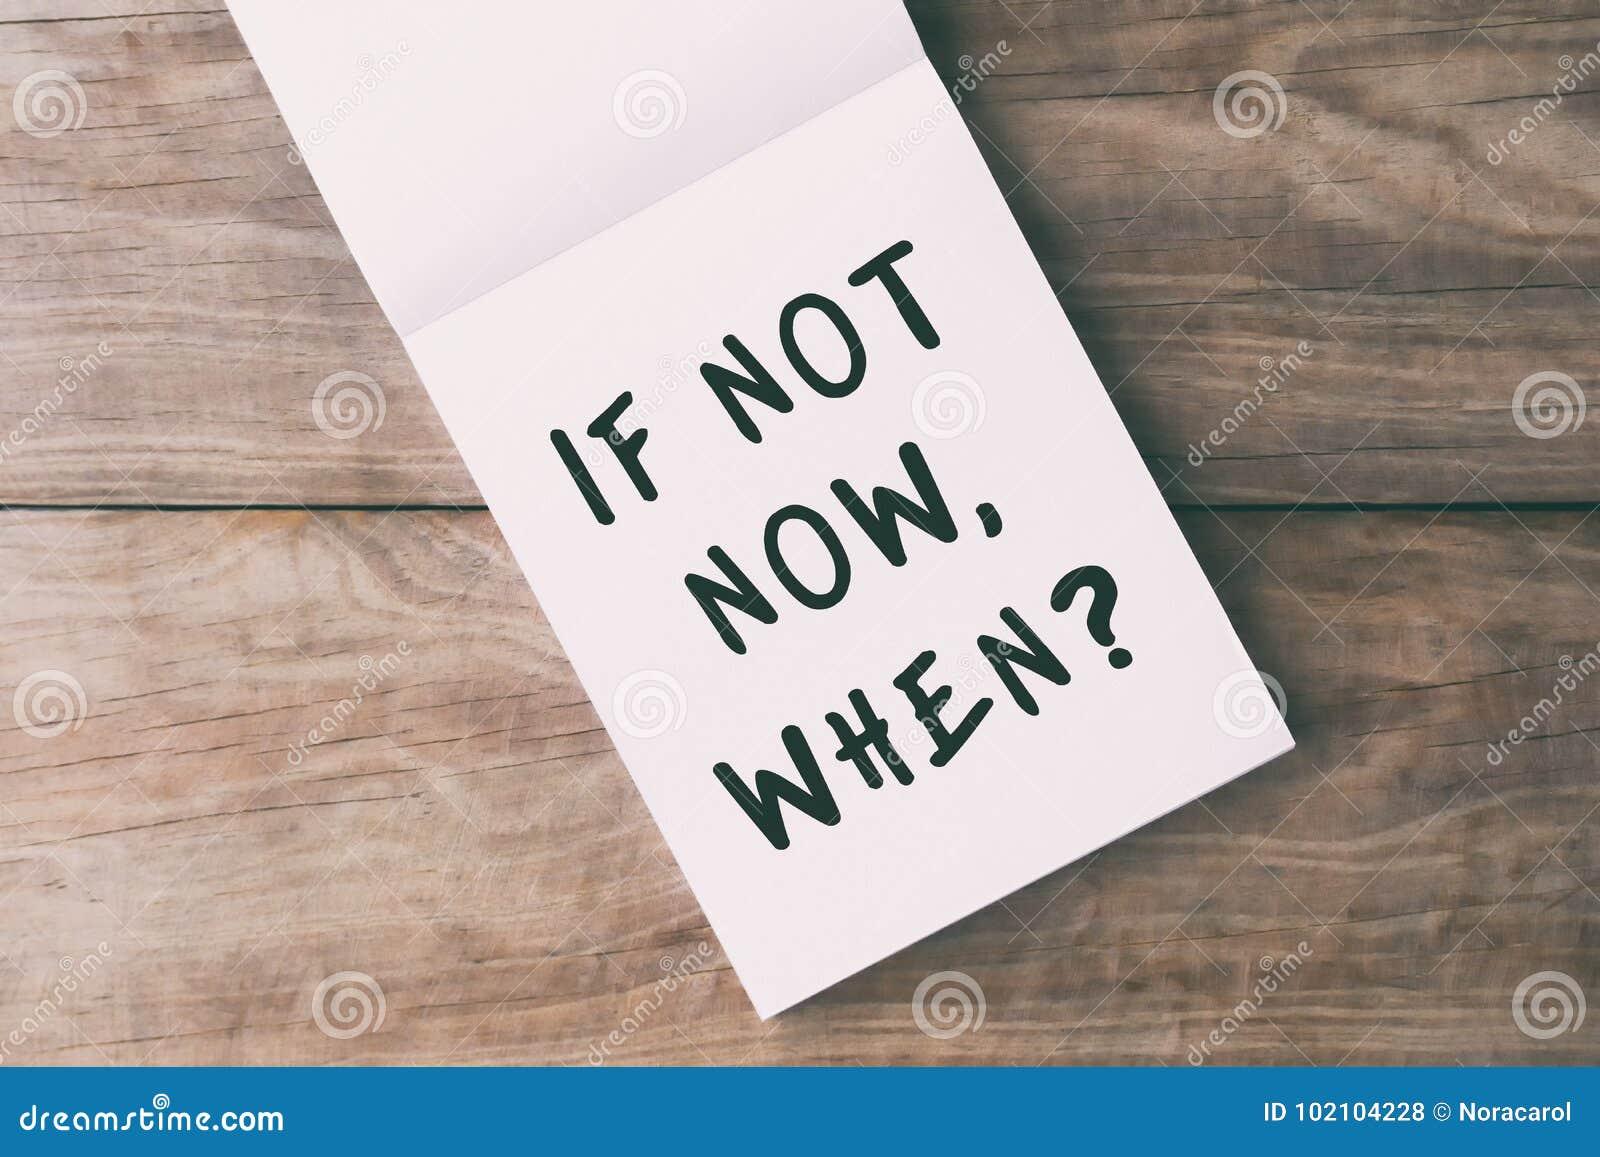 Se não agora quando? Citações da vida